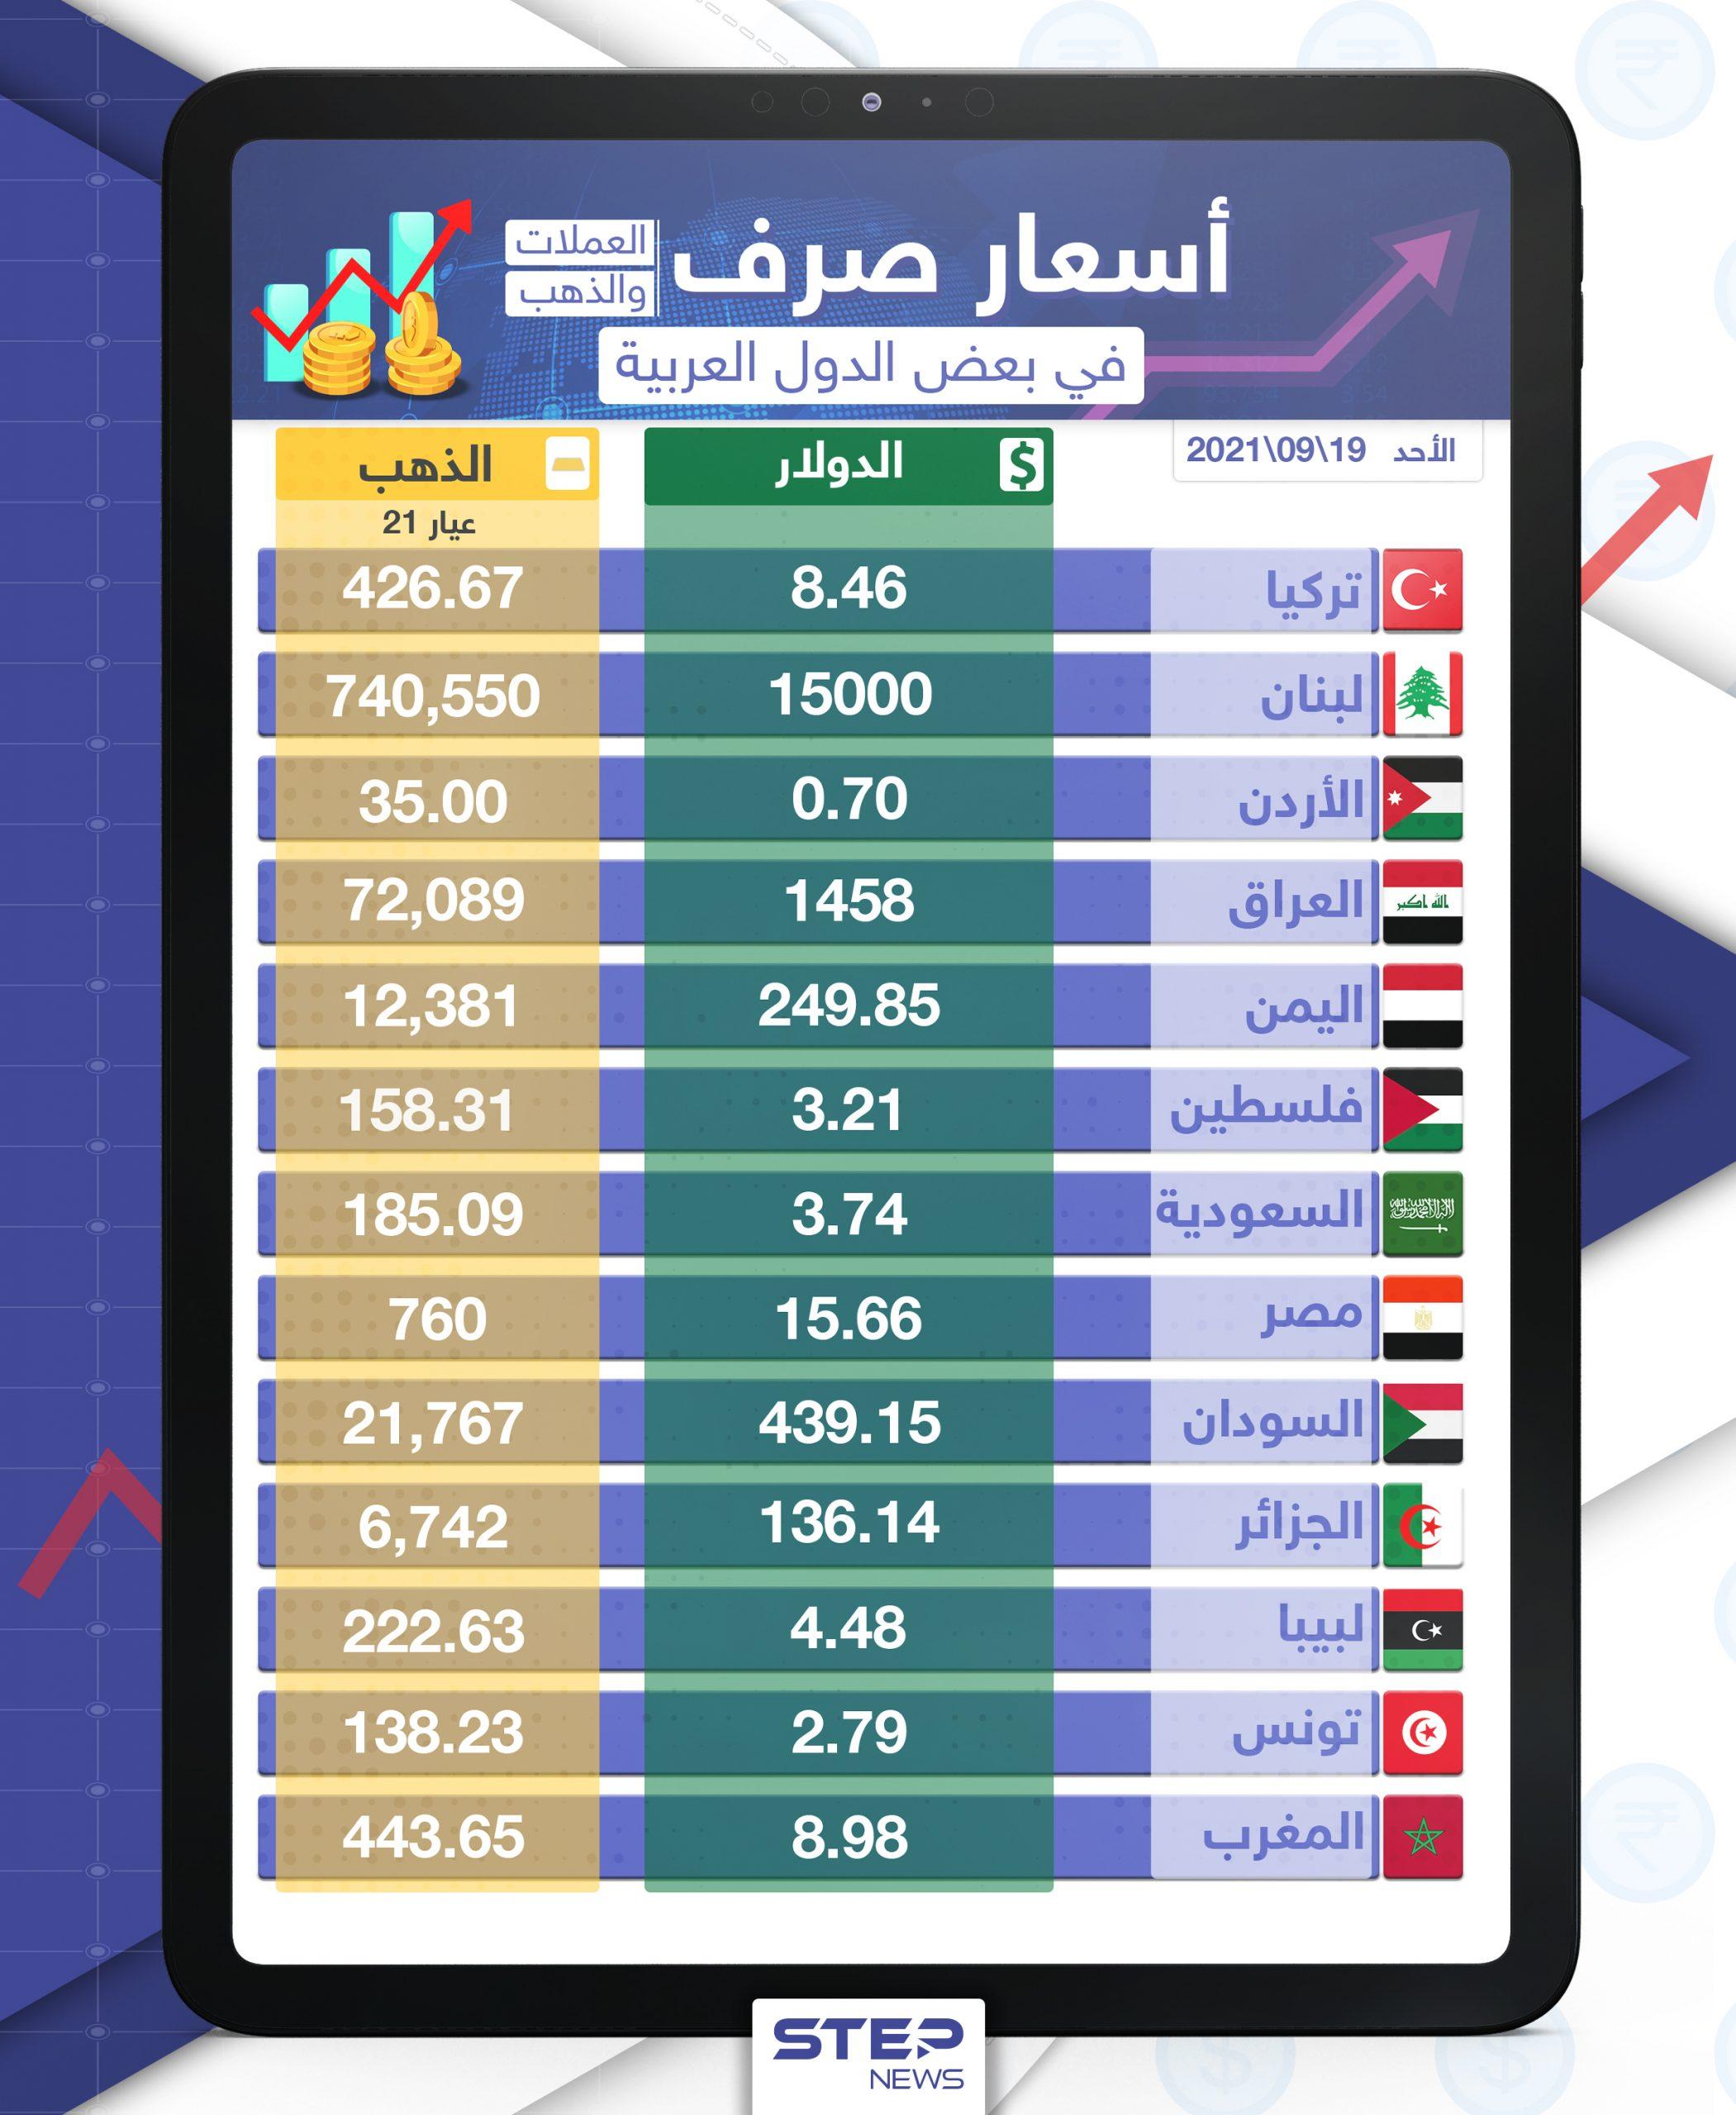 أسعار الذهب والعملات للدول العربية وتركيا اليوم الأحد الموافق 19 أيلول 2021